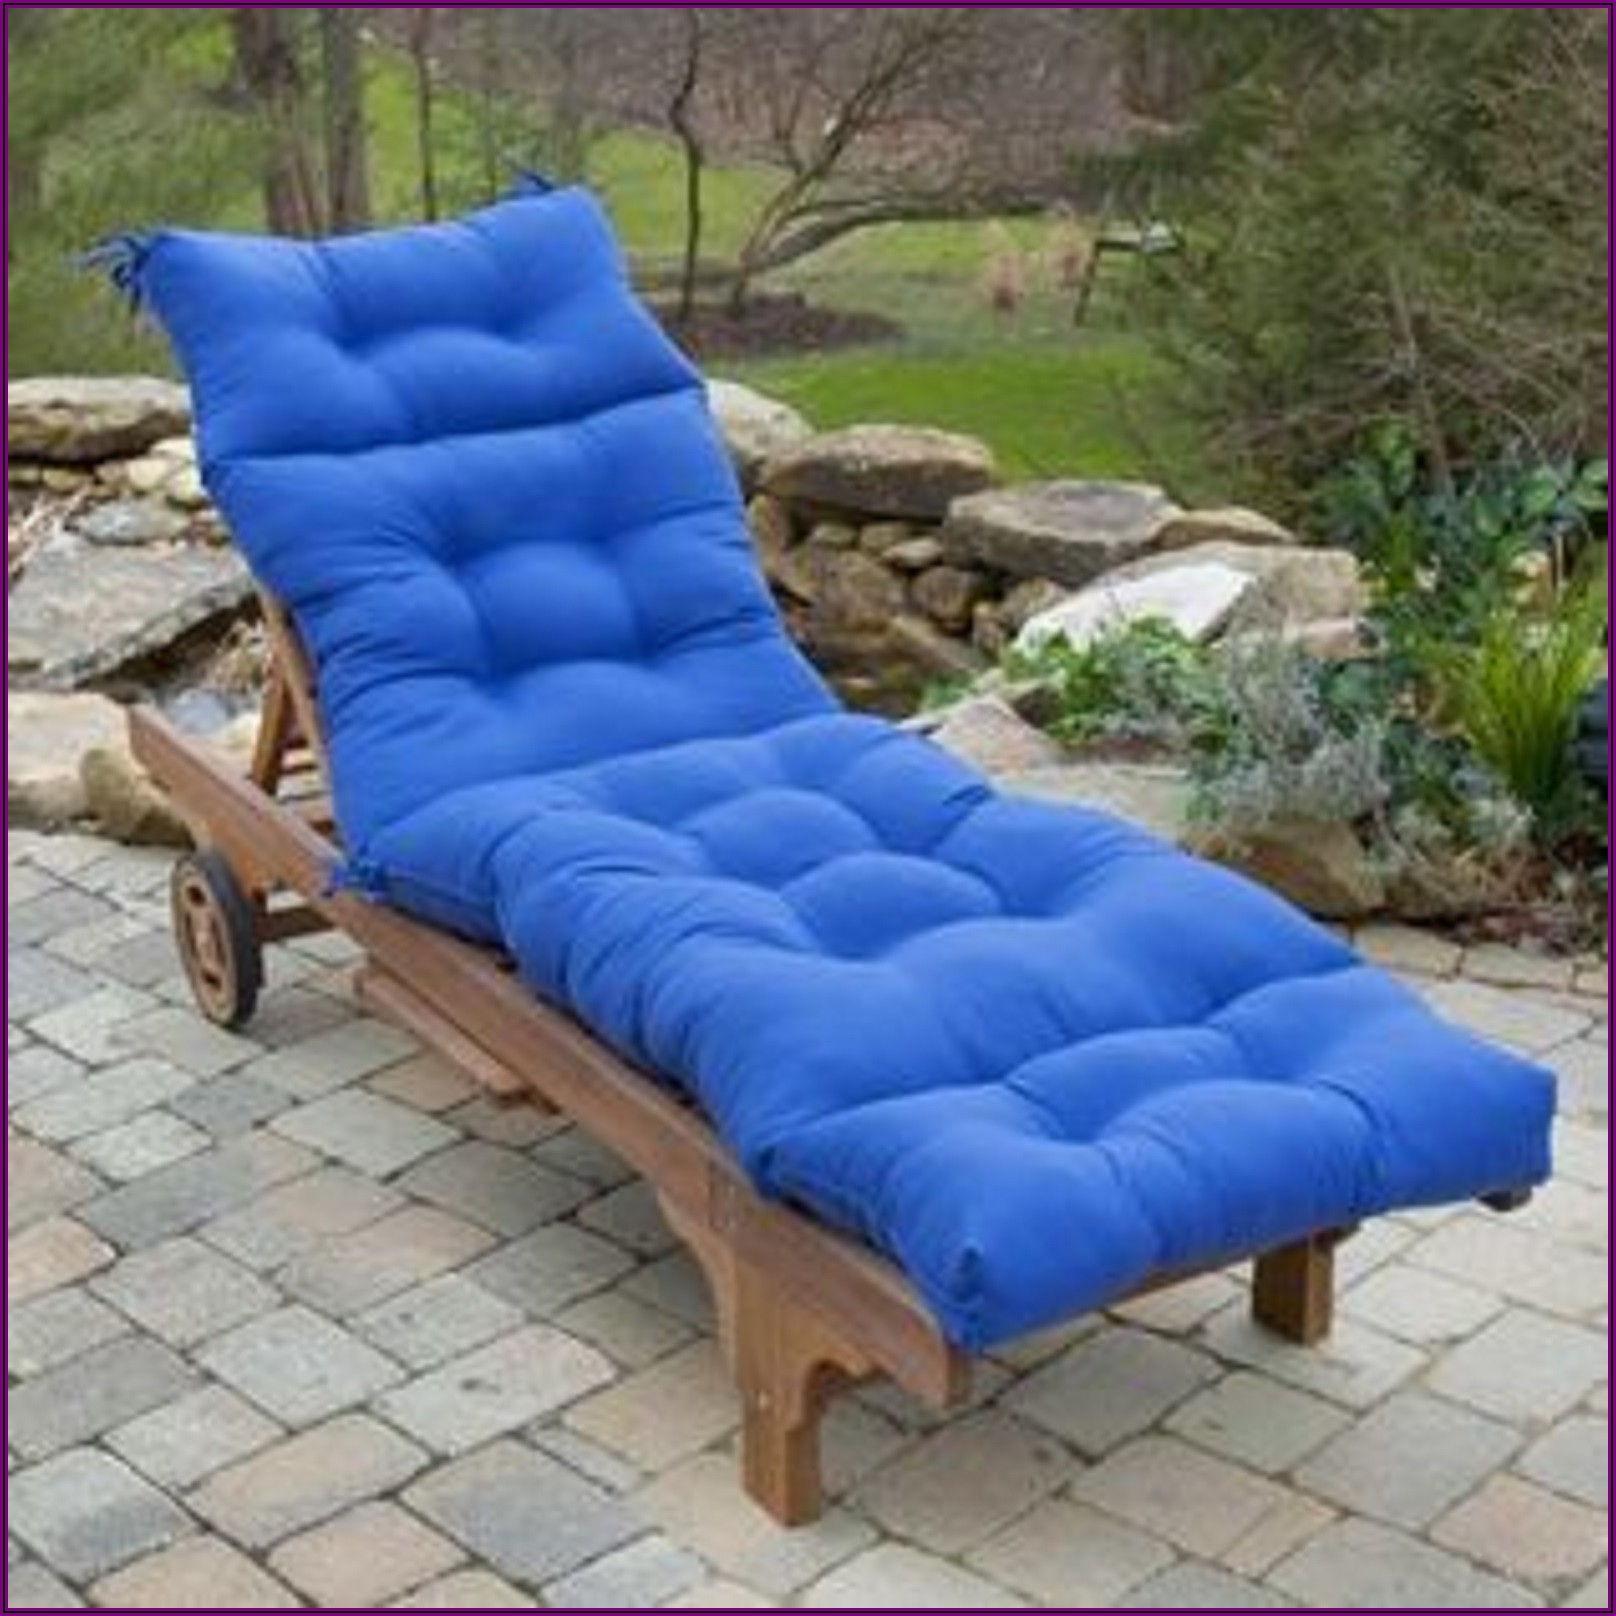 Home Fashions International Patio Cushions